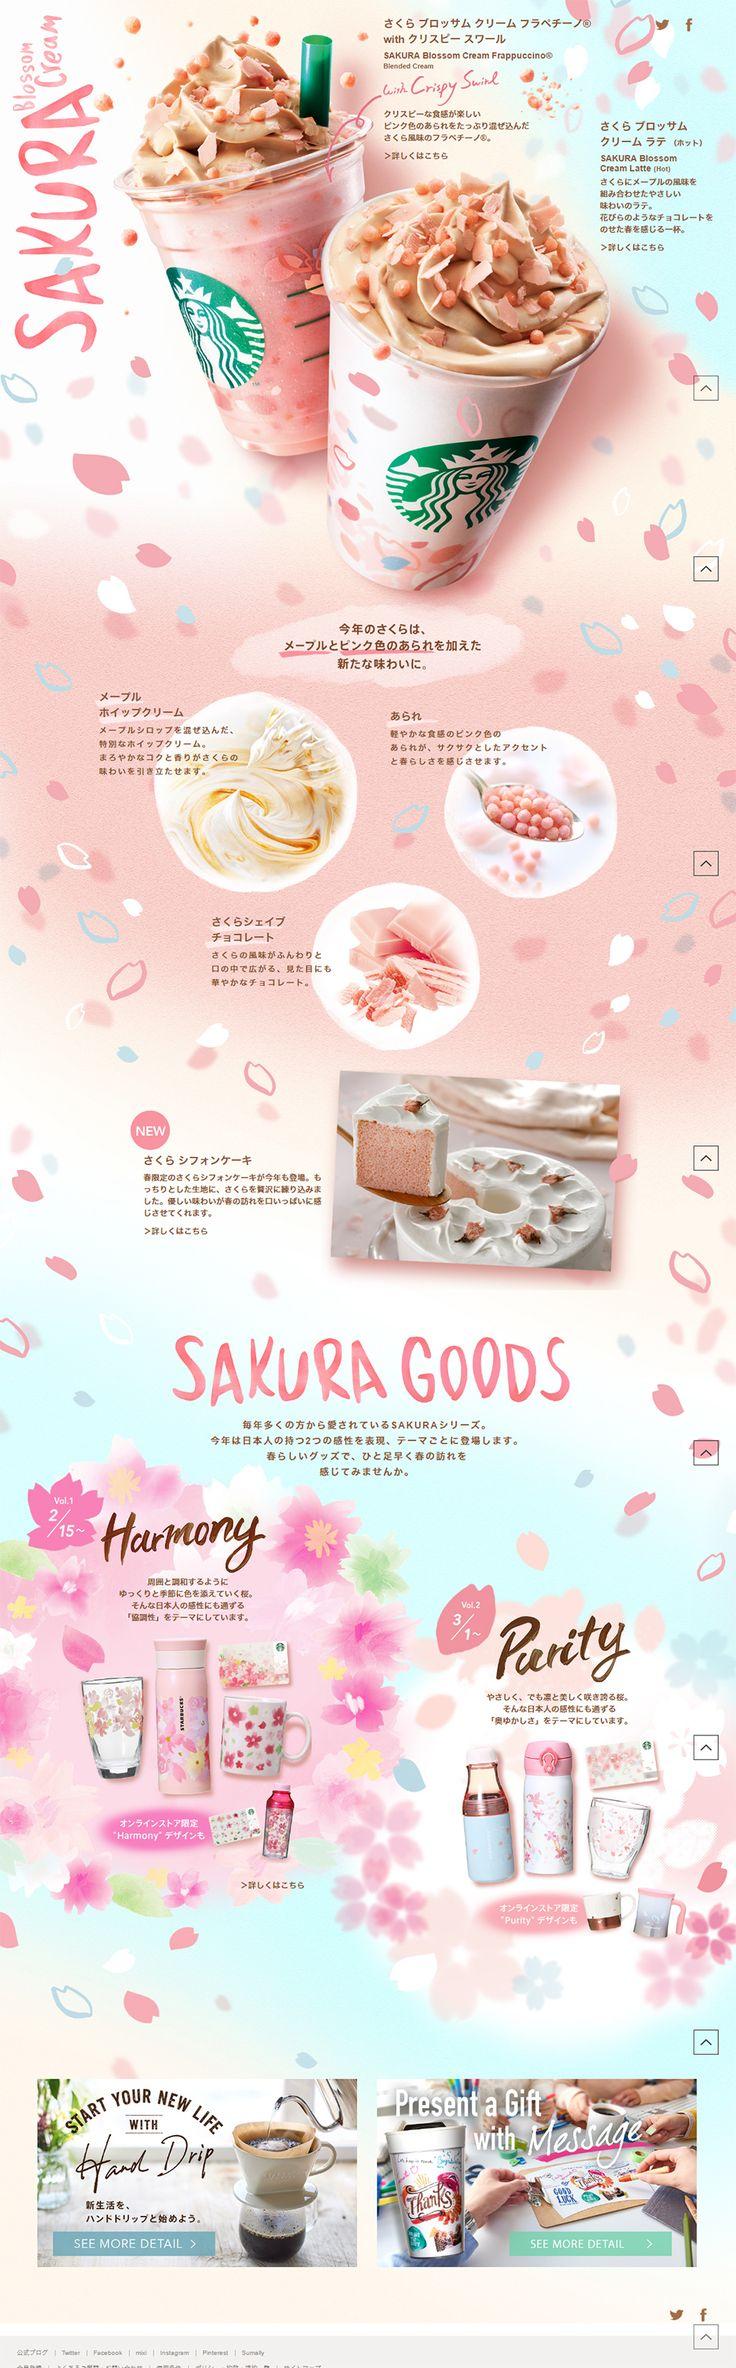 SAKURA Blossom Cream【和菓子・洋菓子・スイーツ関連】のLPデザイン。WEBデザイナーさん必見!ランディングページのデザイン参考に(アート・芸術系)